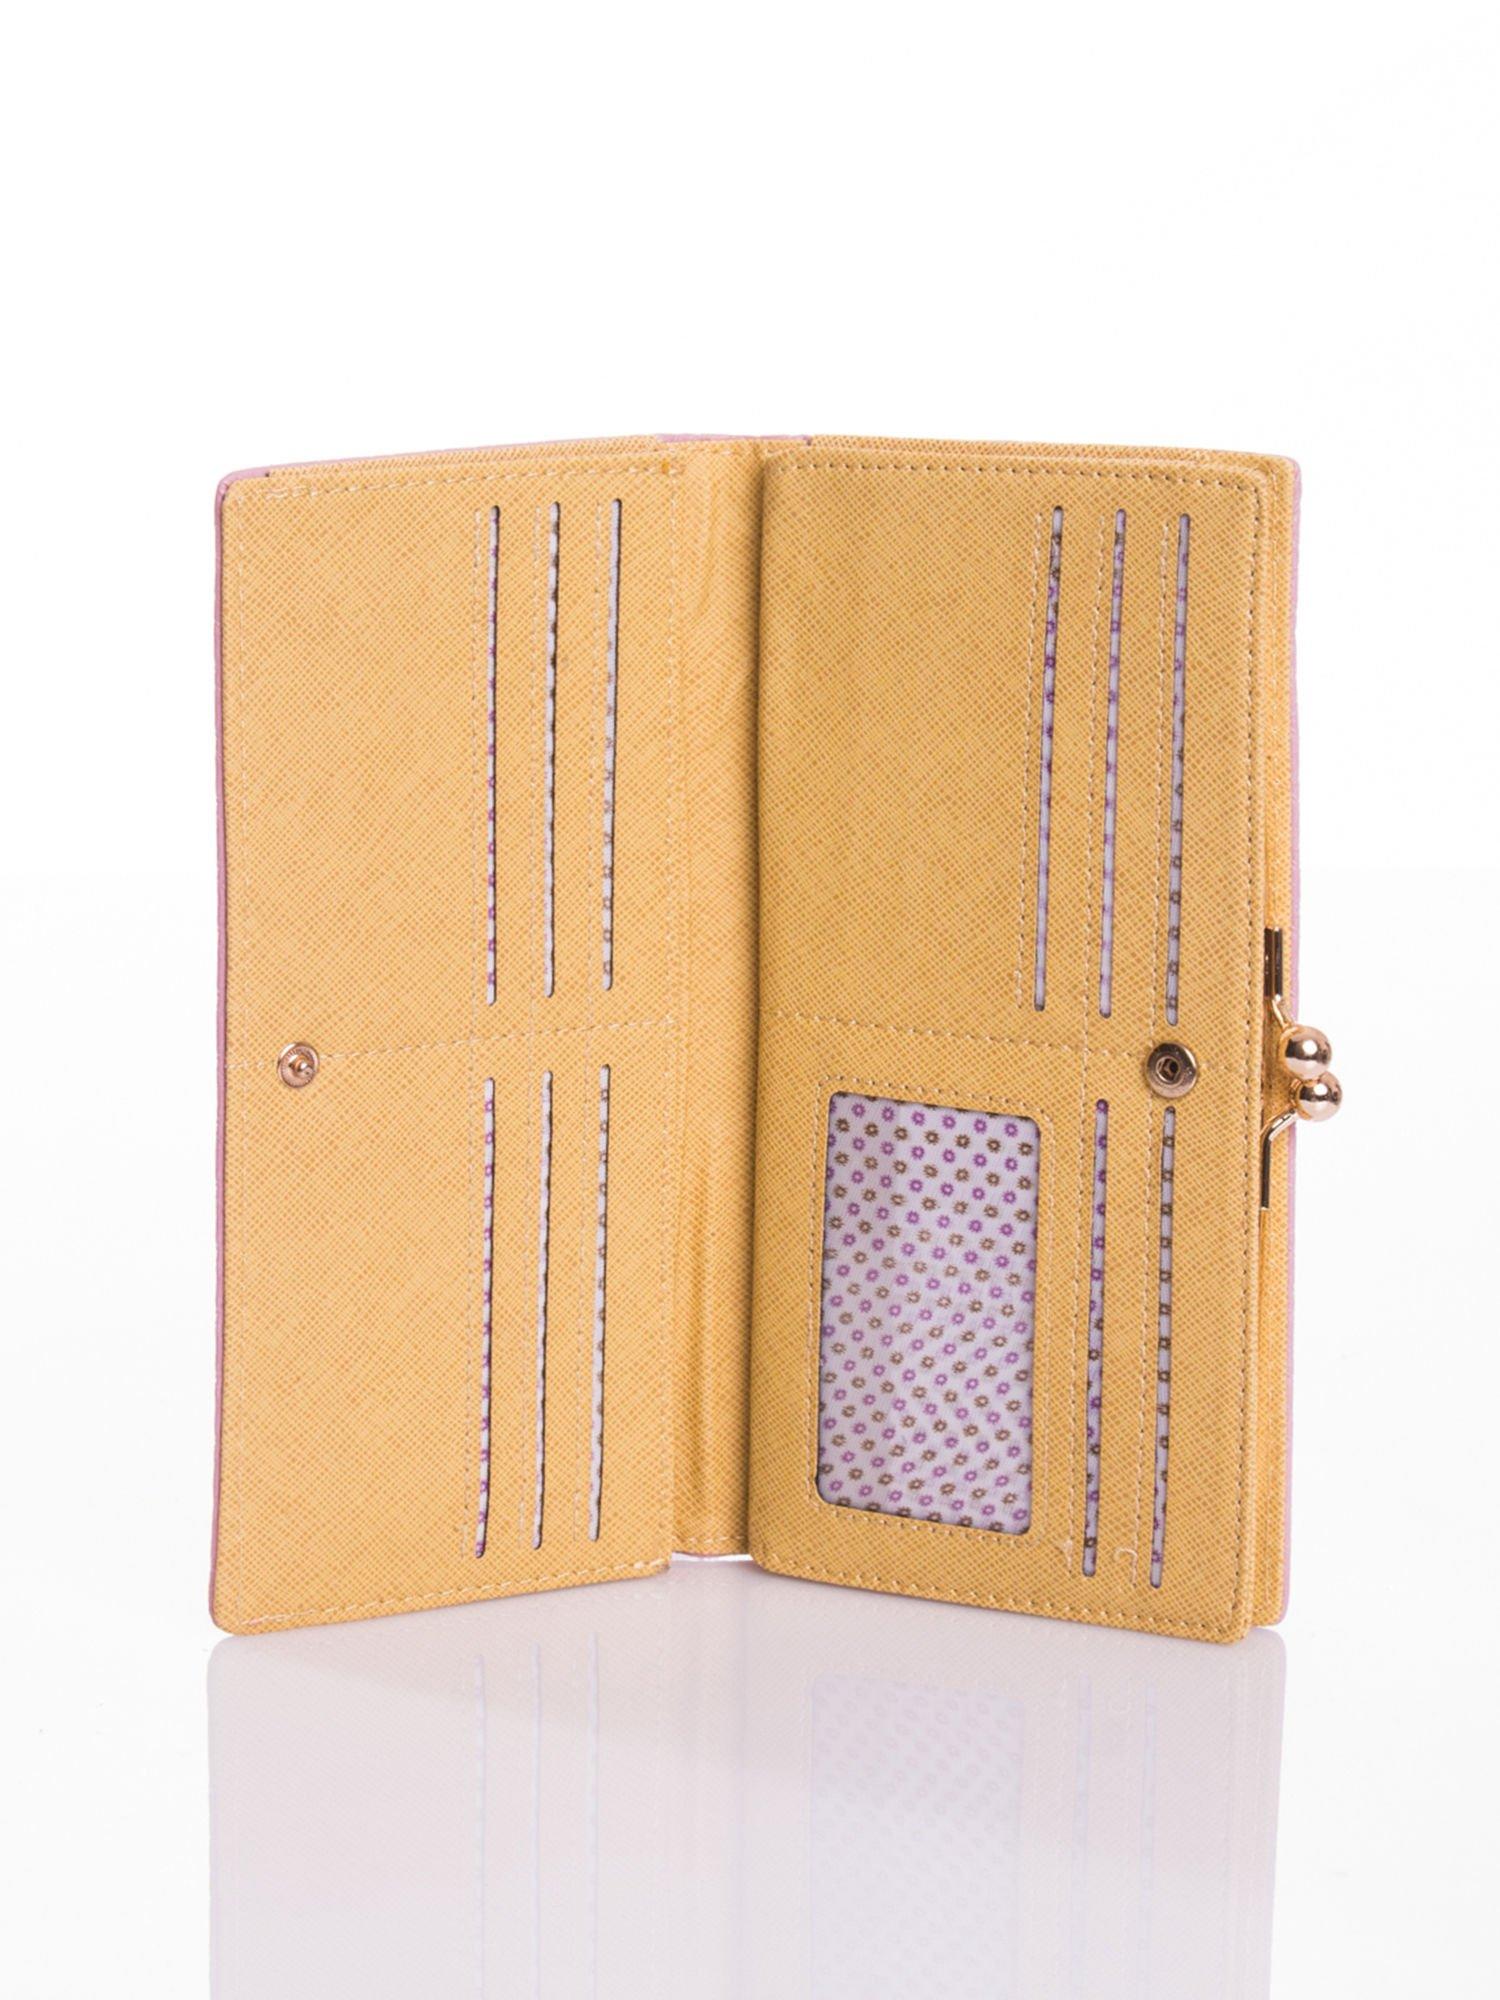 Jasnoniebieski elegancki portfel na bigiel                                  zdj.                                  4